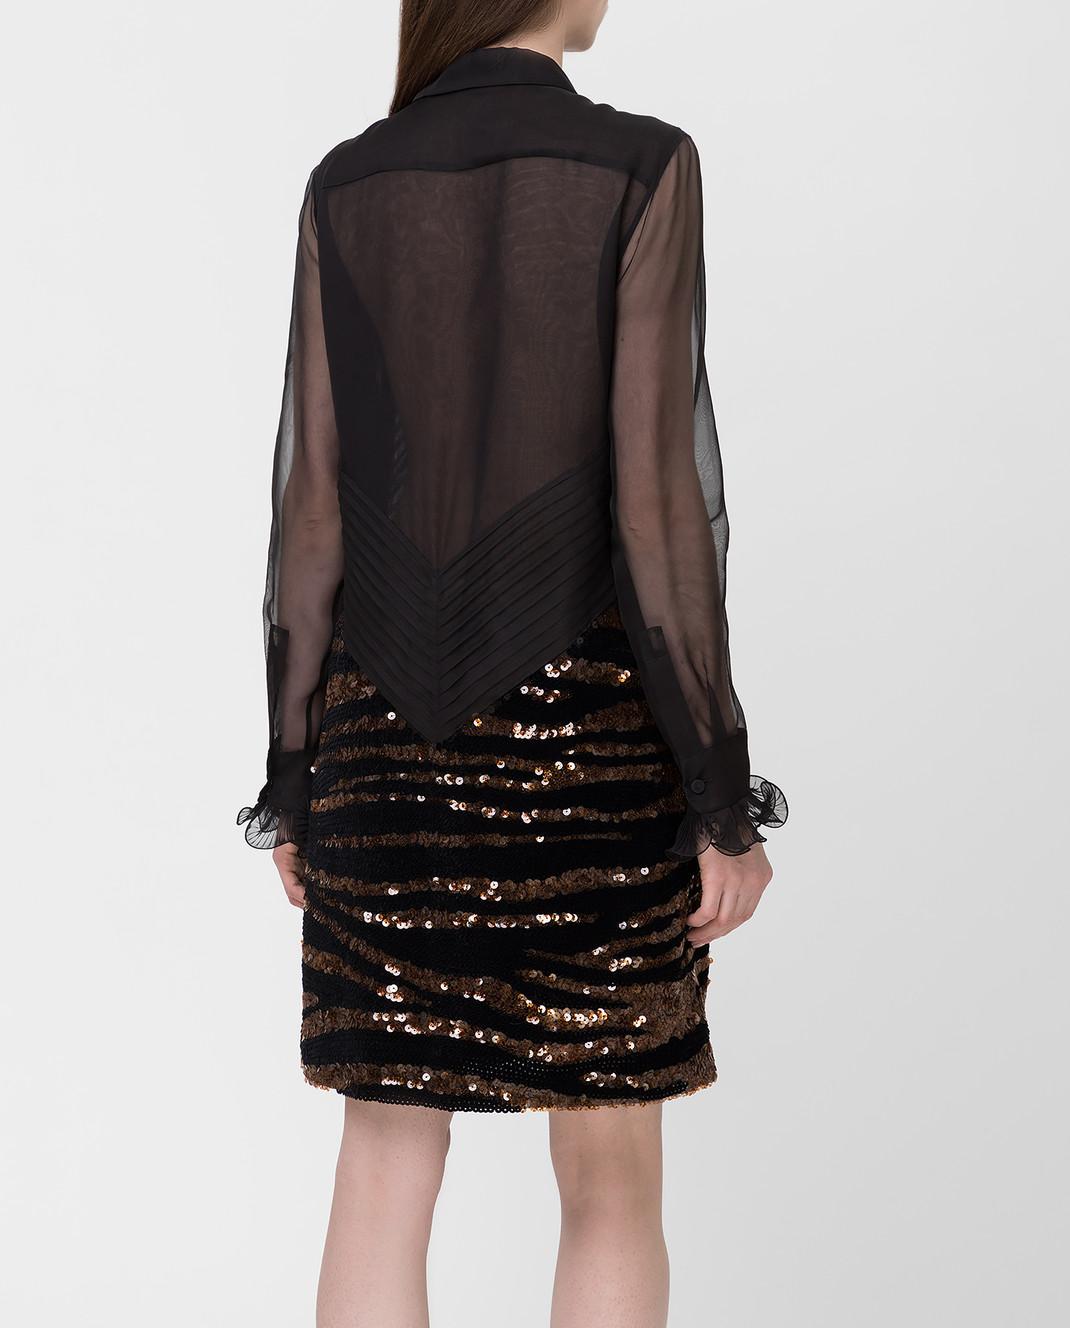 Bottega Veneta Черное платье из шелка изображение 4